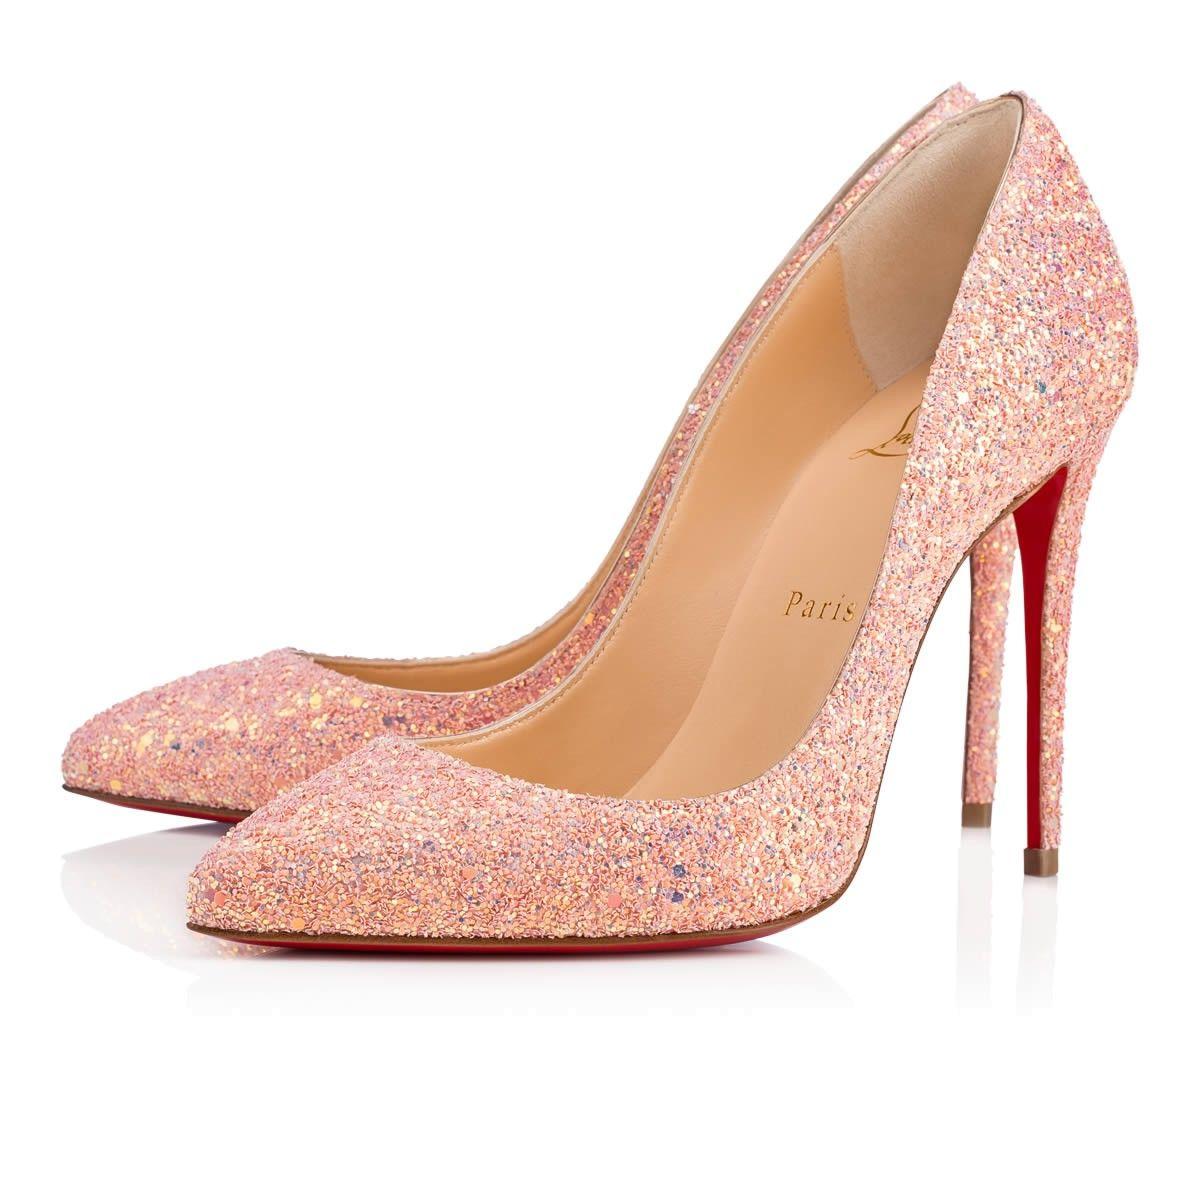 7723de7268e Pigalle Follies 100 Pompadour Glitter Dragonfly - Women Shoes ...